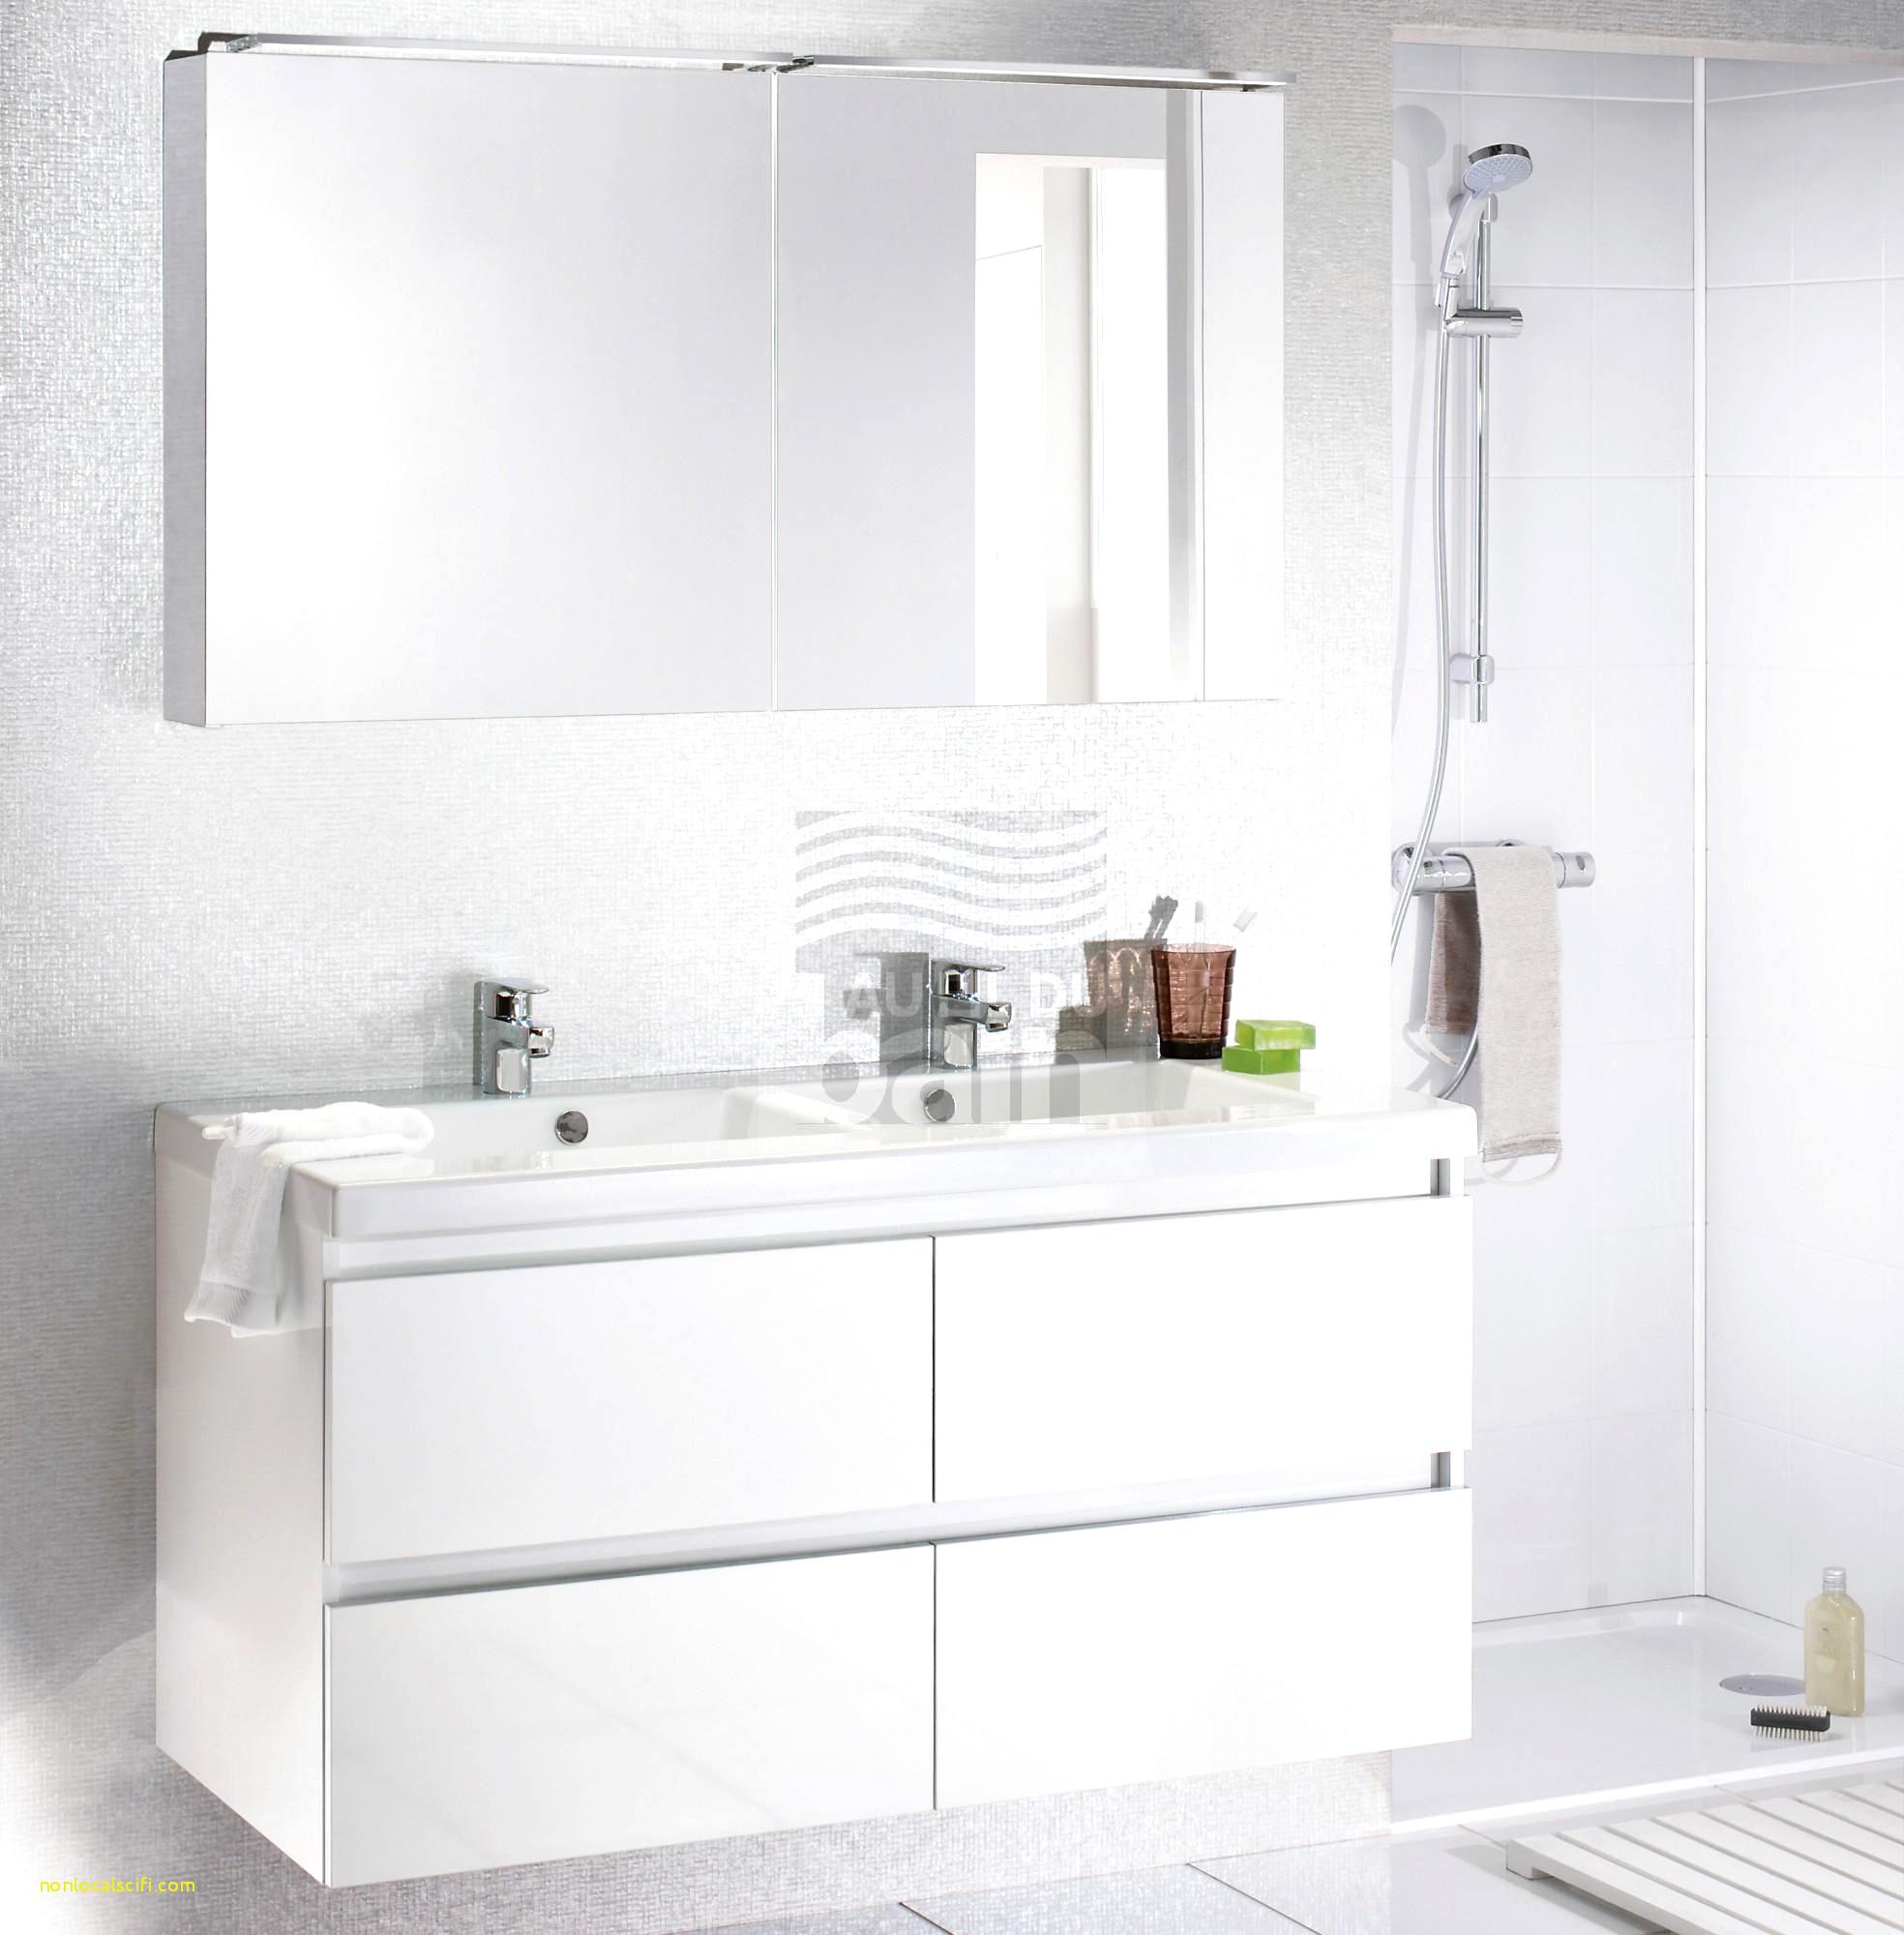 Lavabo Double Vasque Ikea Impressionnant Photos Résultat Supérieur 99 Frais 2 Vasques Salle De Bain Graphie